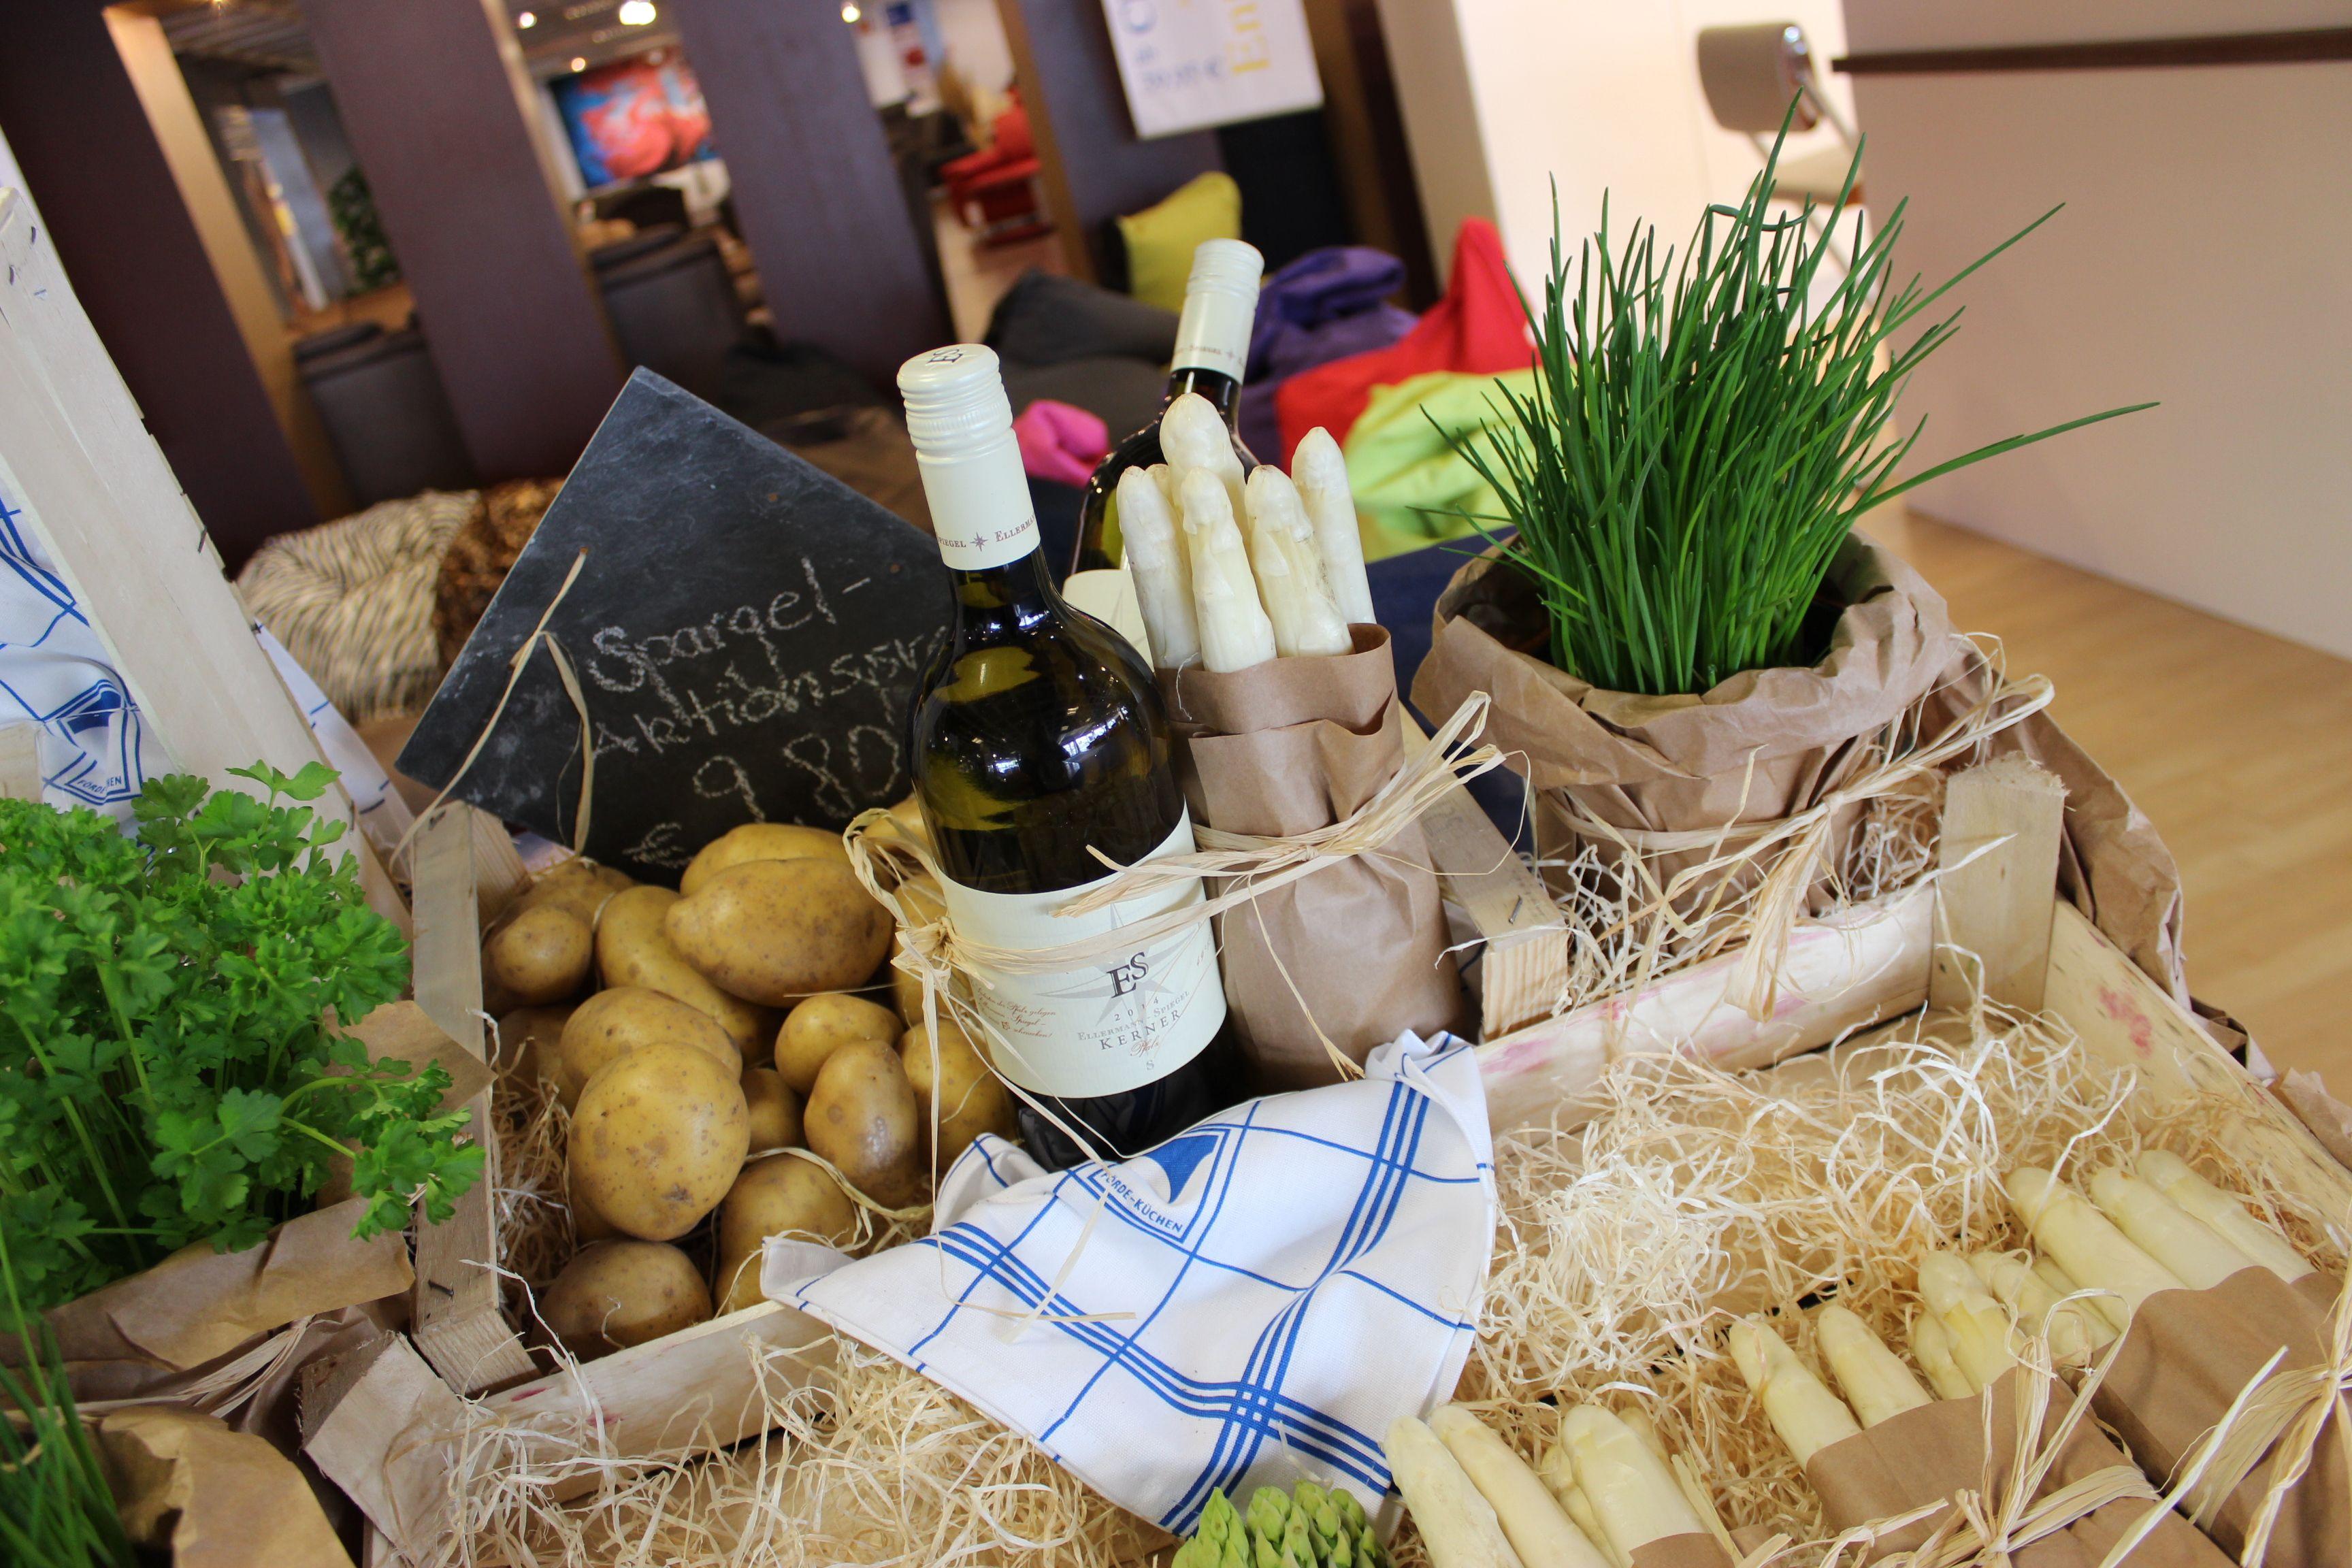 Förde Küchen ~ Kochevent bei förde küchen wir feiern 40 jahre förde küchen